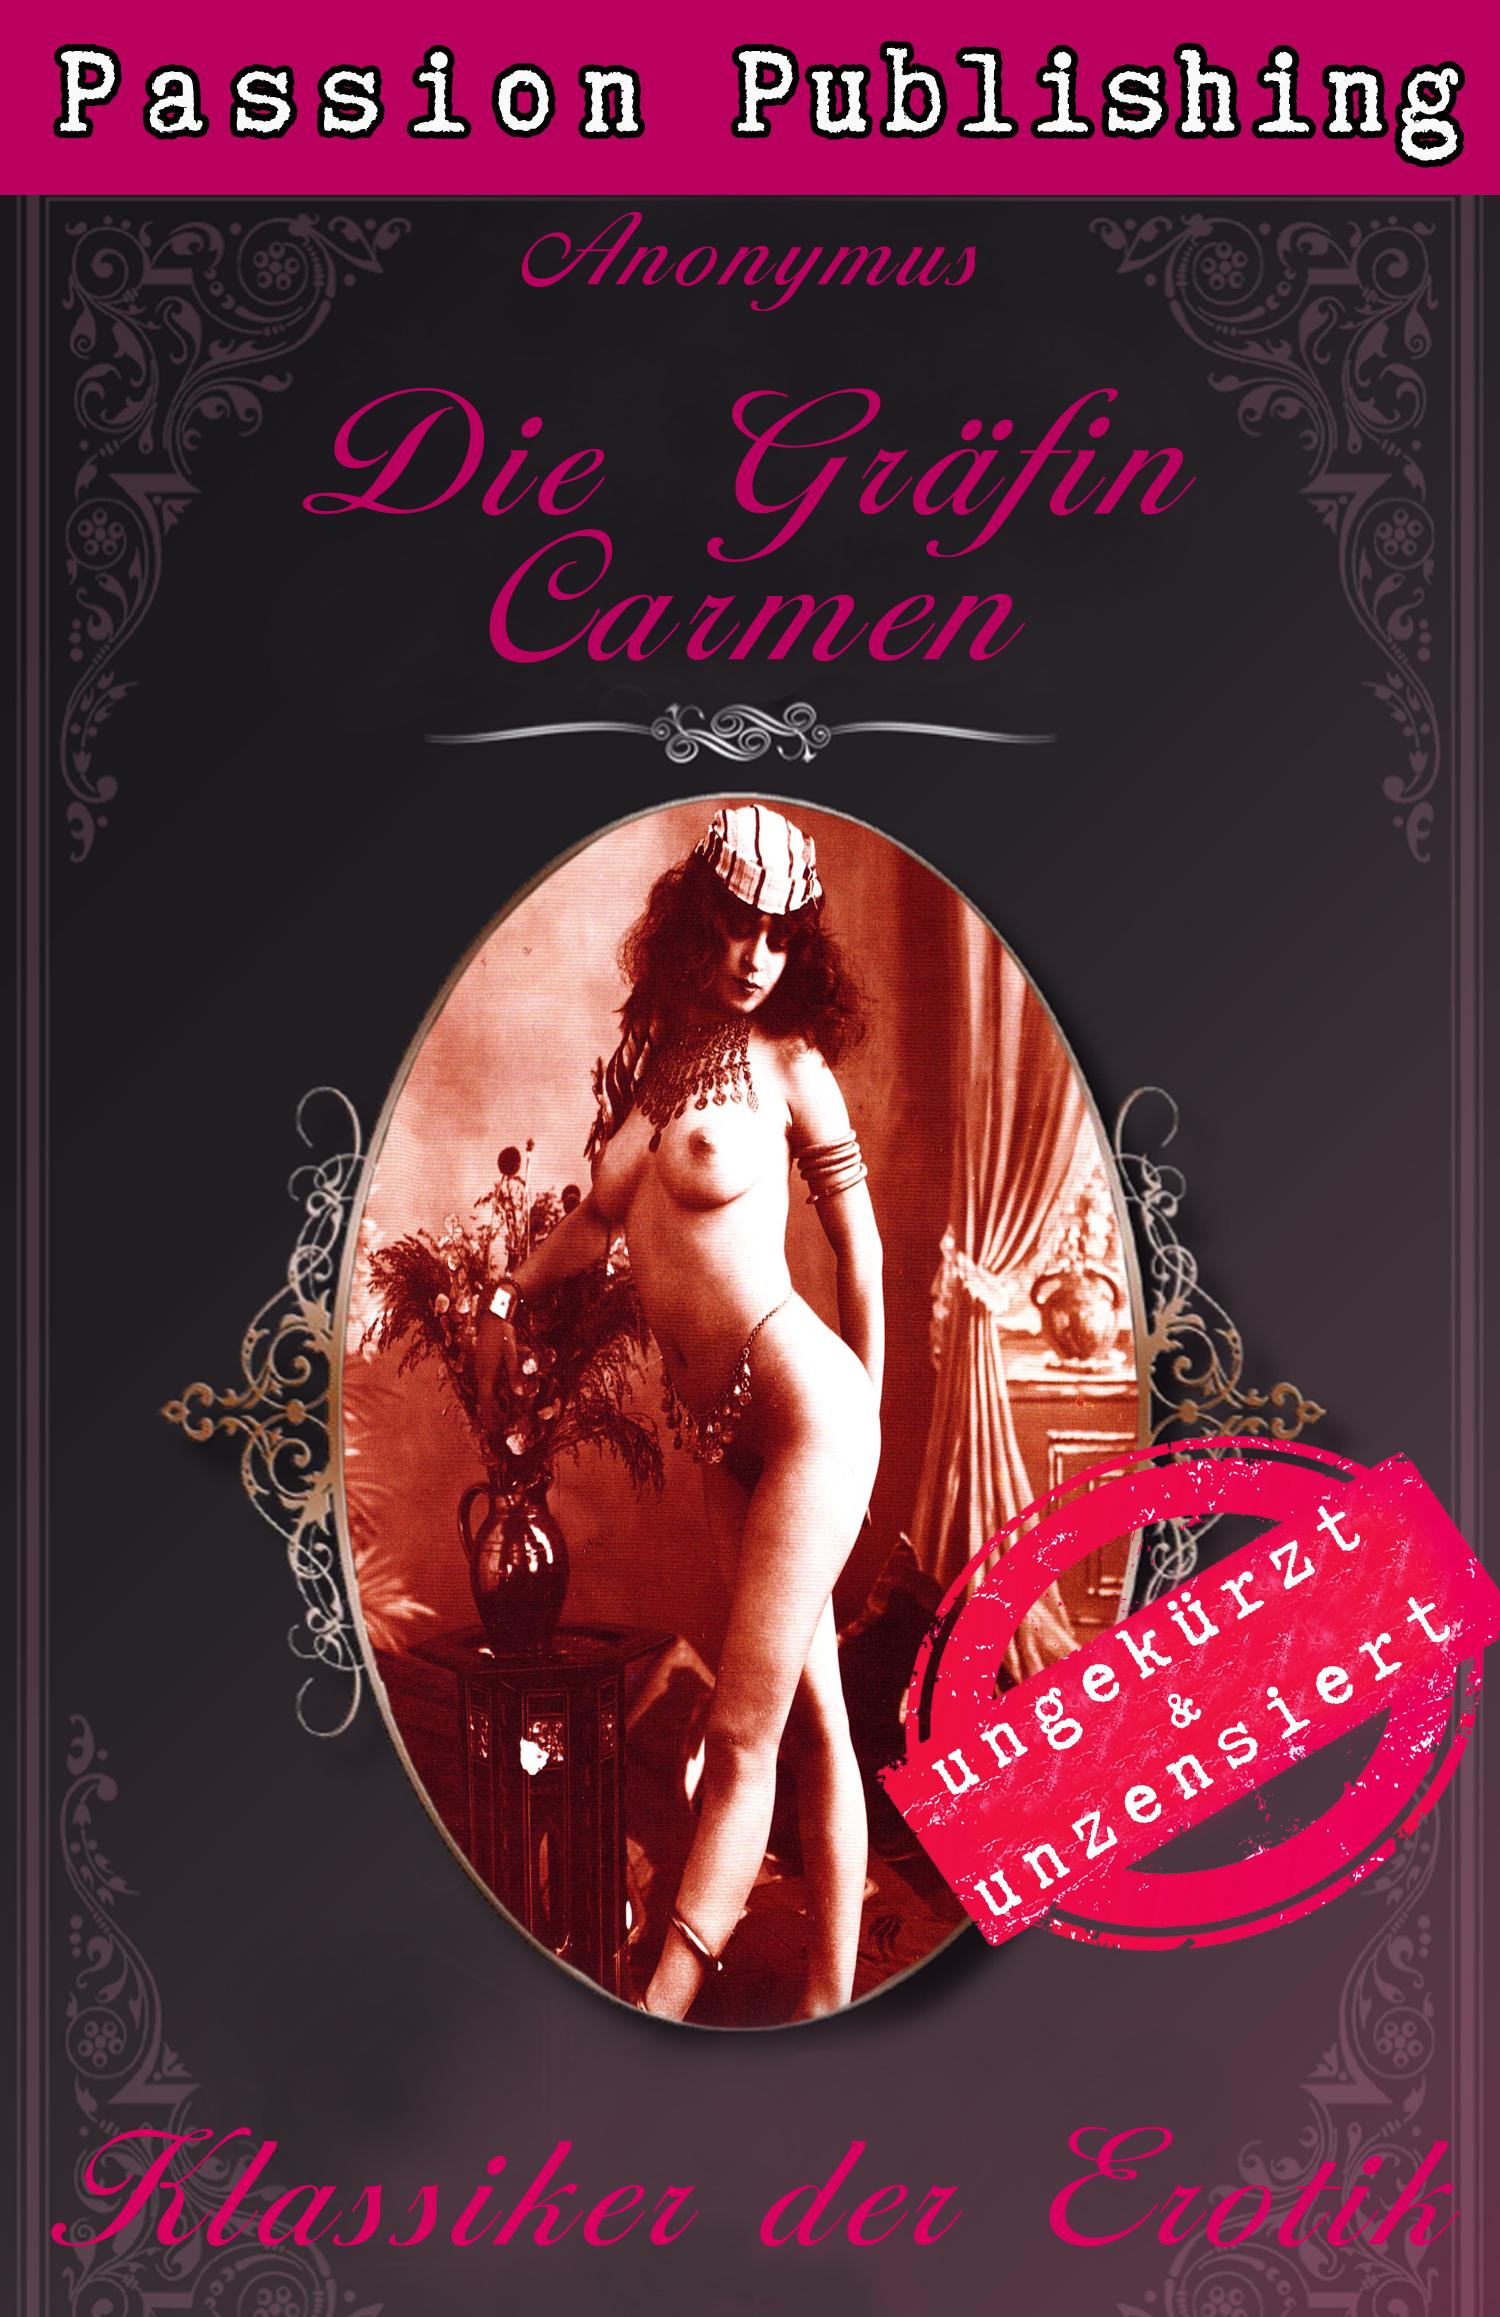 Anonymus Klassiker der Erotik 39: Die Gräfin Carmen